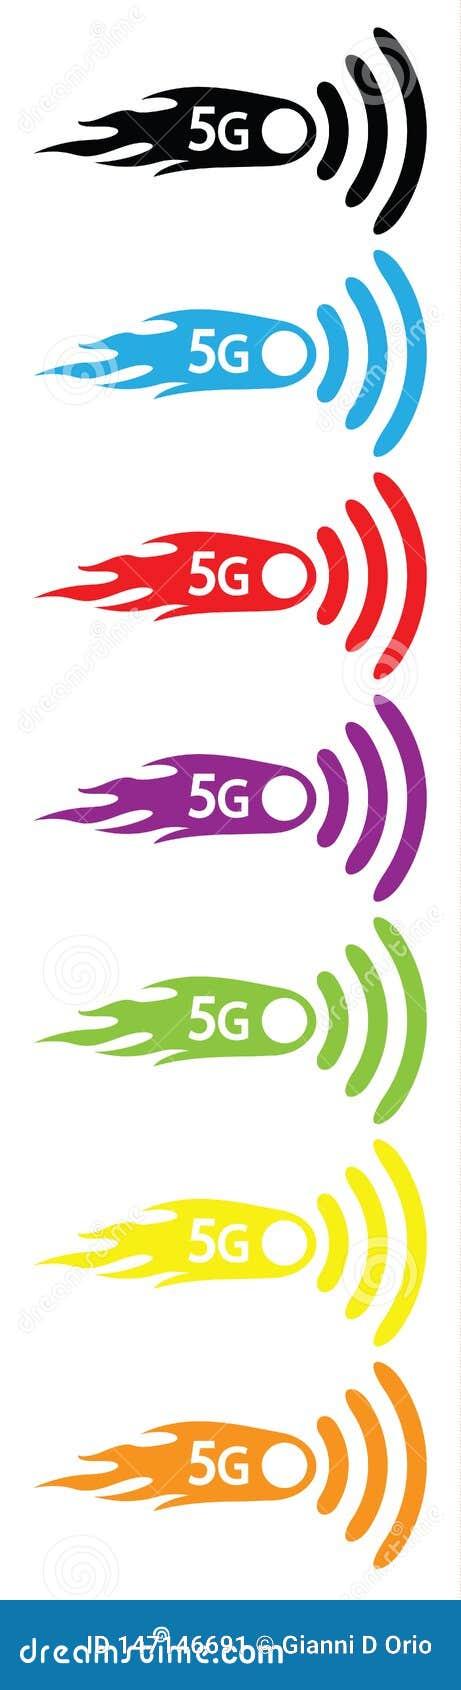 5g连接的无线商标标志与火焰的